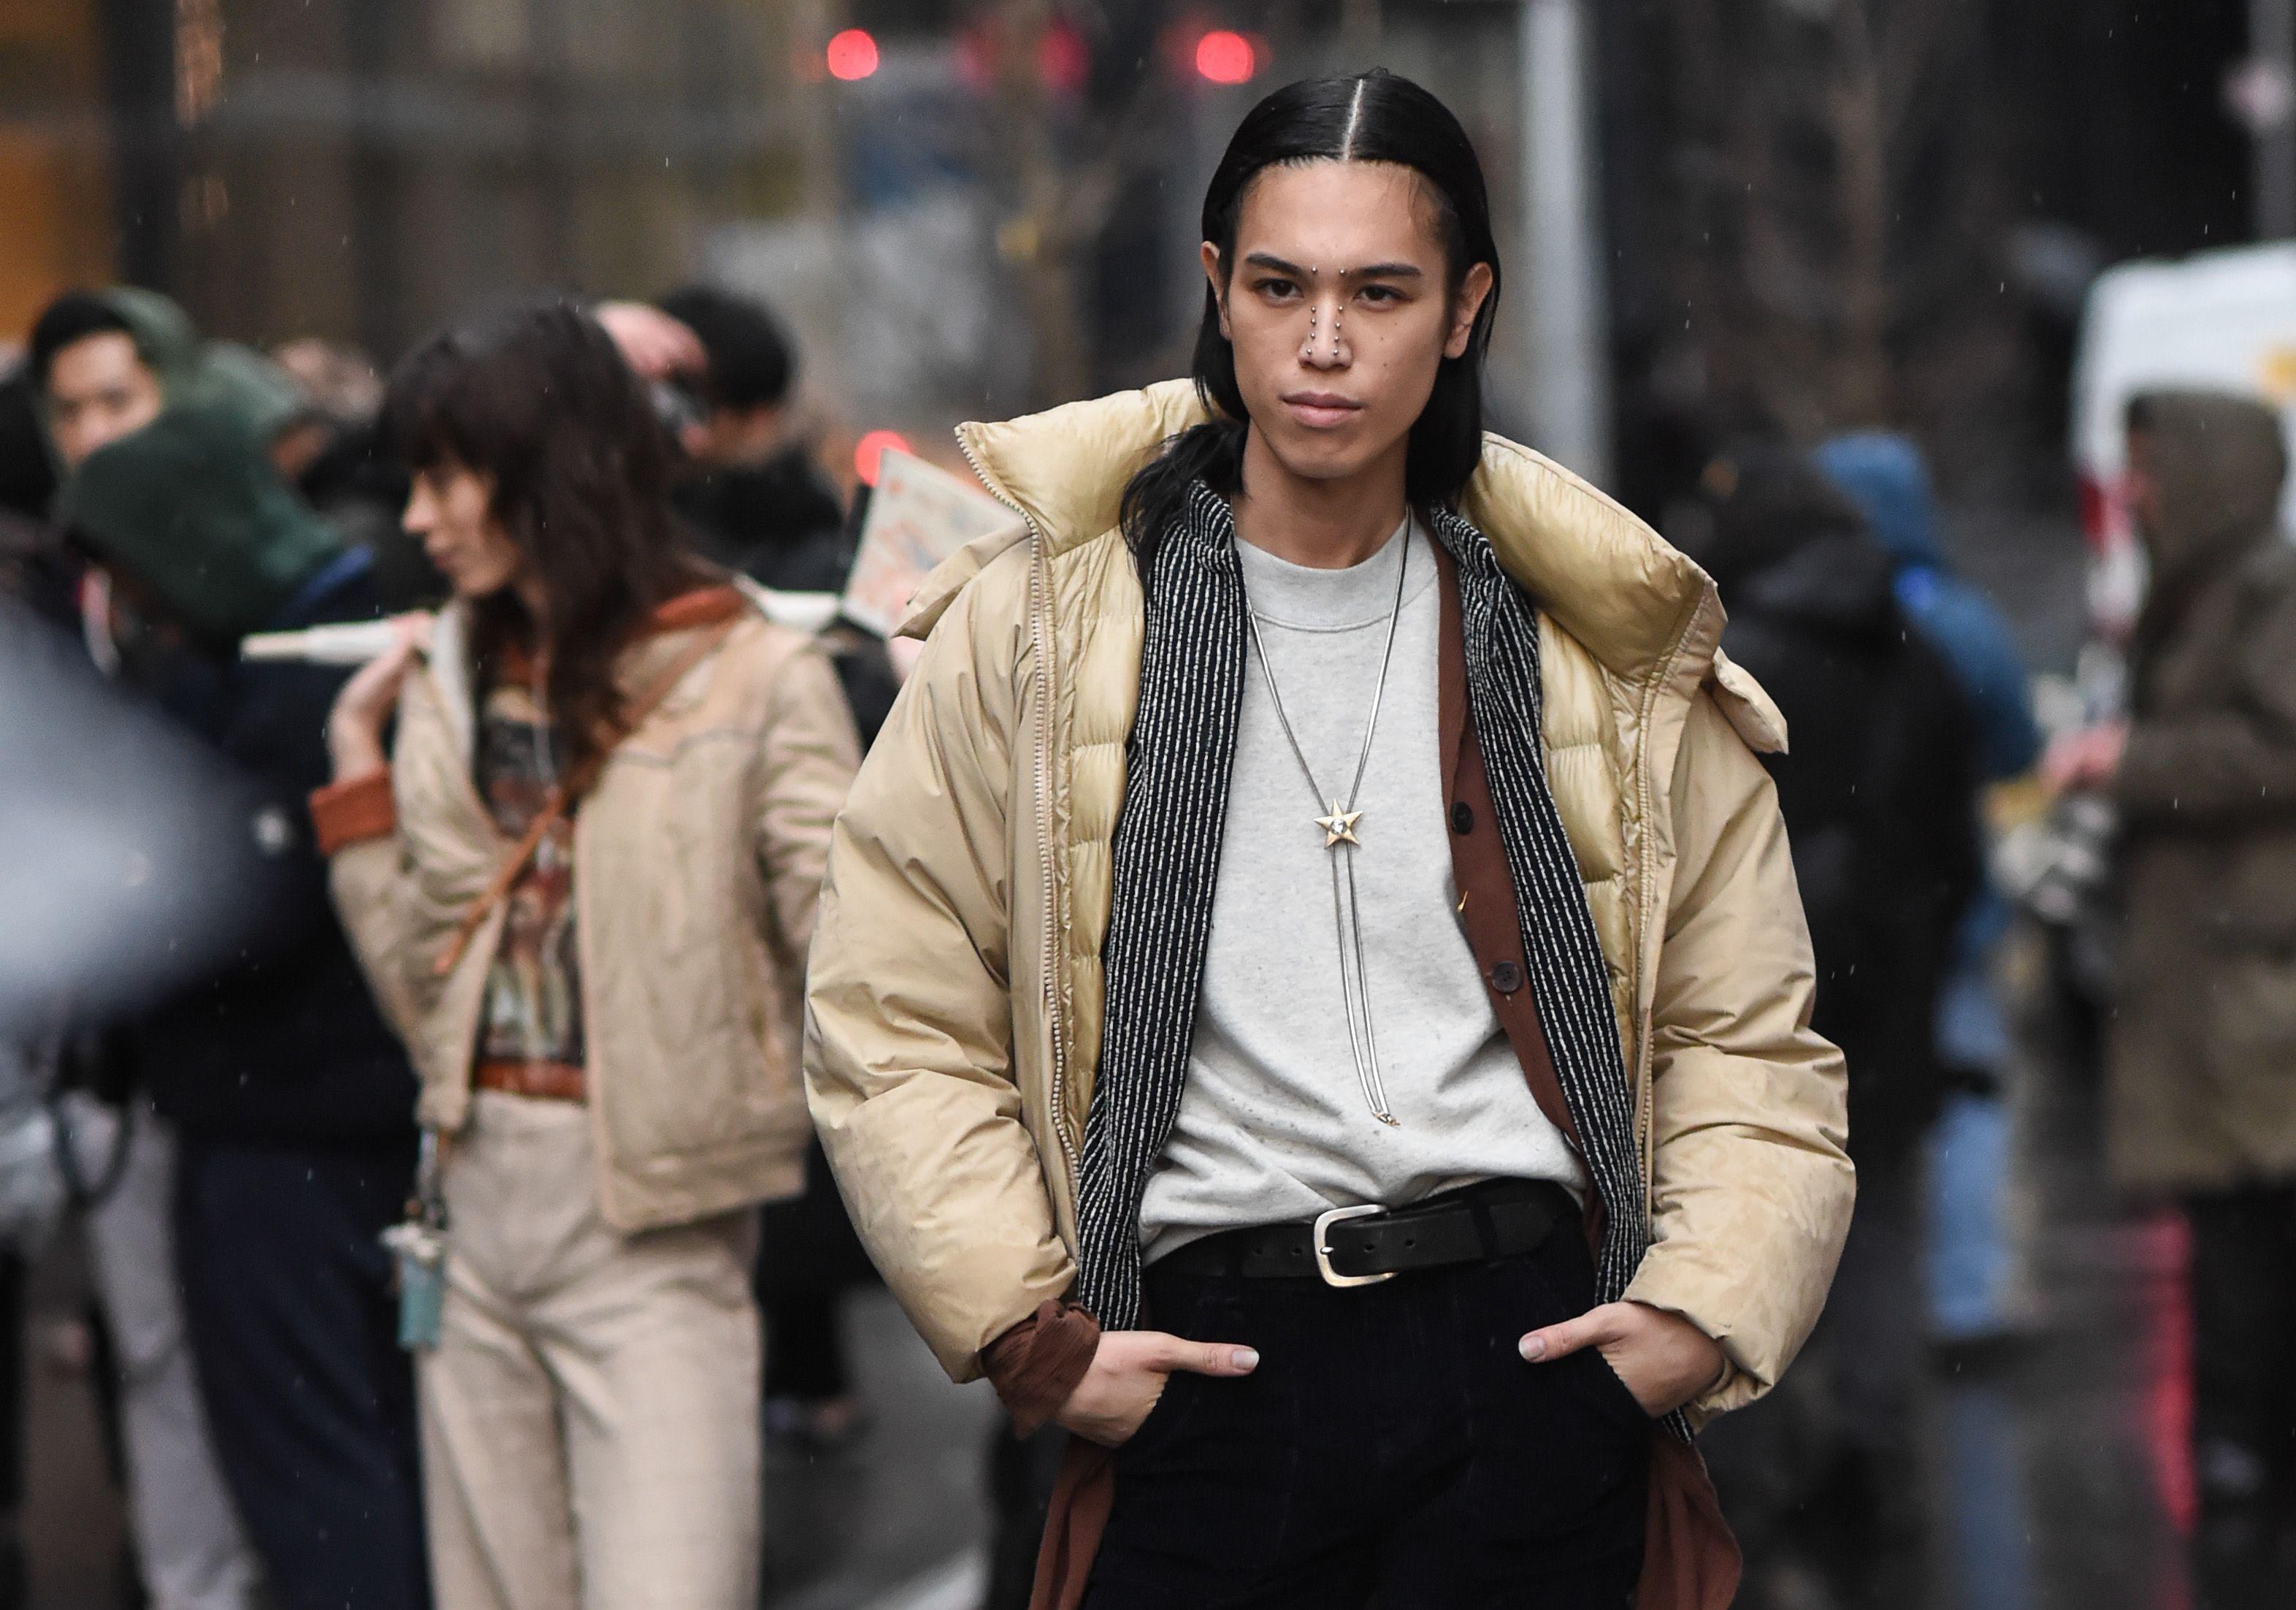 Trench, giacca o piumino? La teoria dei capispalla della New York Fashion Week arriva forte e chiara